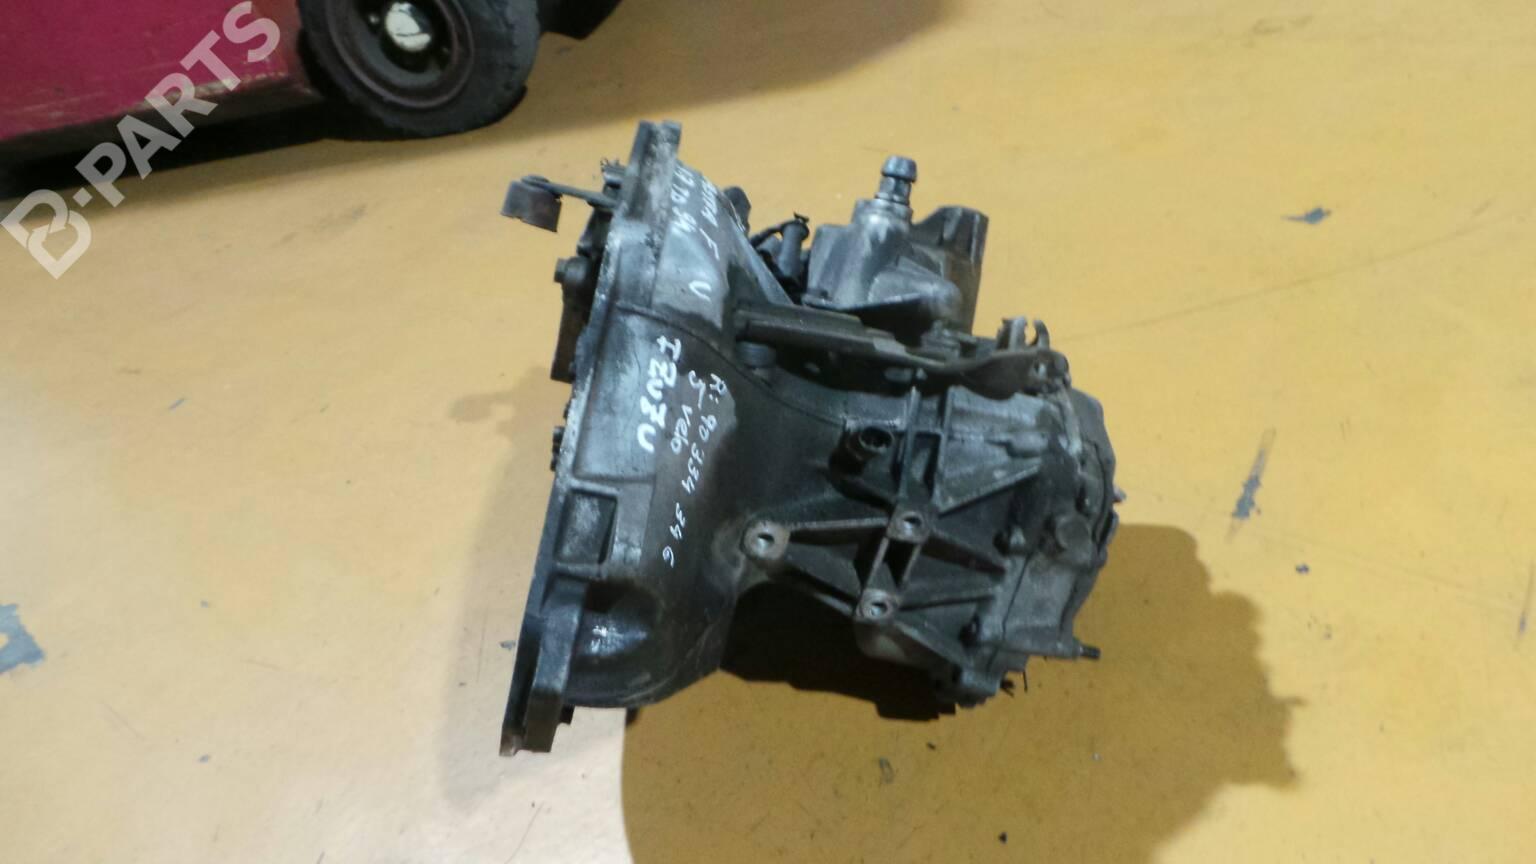 manual gearbox opel astra f 56 57 1 7 td 31926 rh b parts com Pistol Astra F Opel Astra F Manual